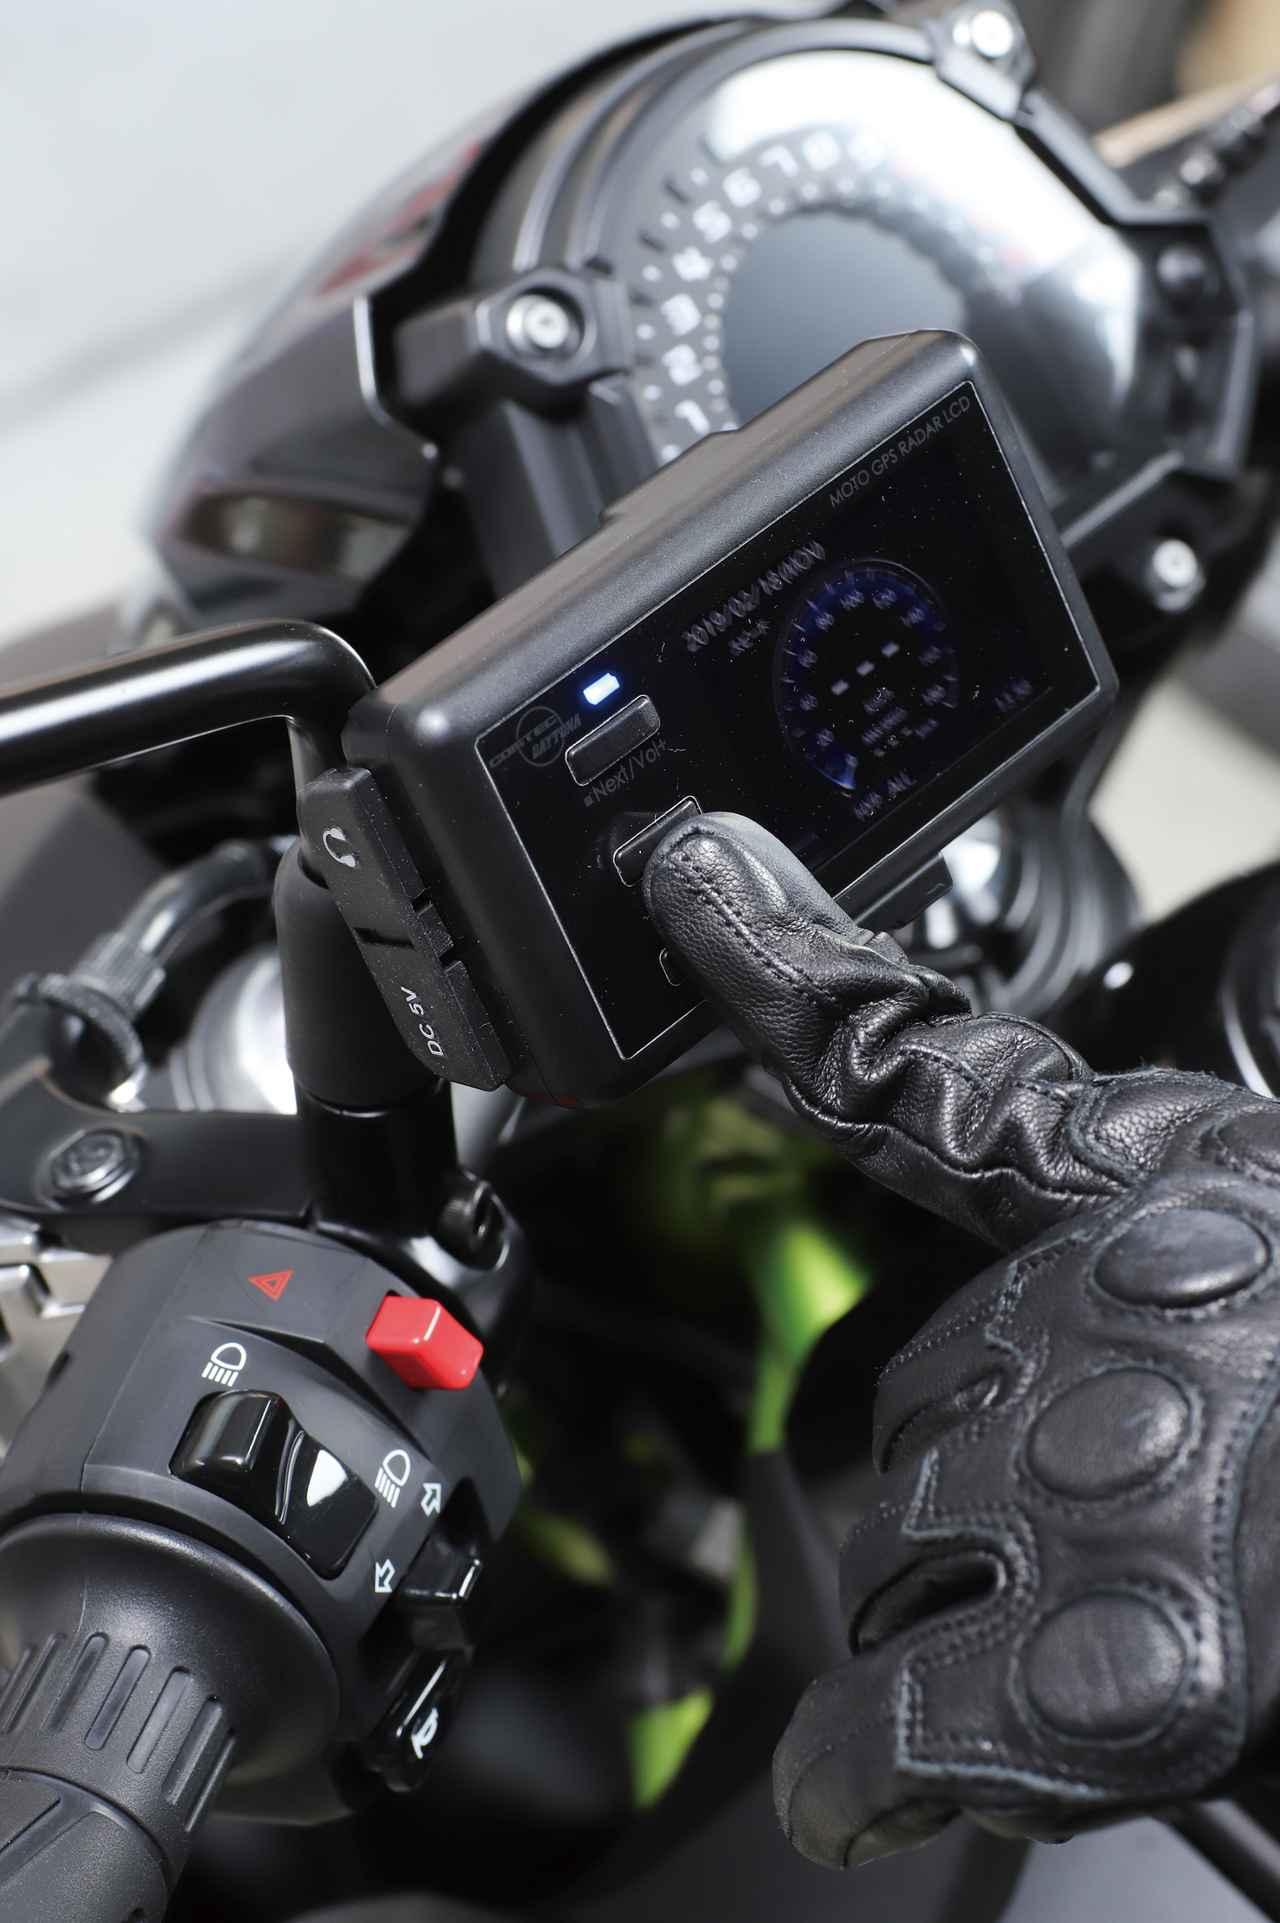 Images : 1番目の画像 - 「バイク用GPSレーダーって、かなり便利に使えるんです!「DAYTONA MOTO GPS RADAR4(デイトナ・モトGPSレーダー4)」」のアルバム - webオートバイ